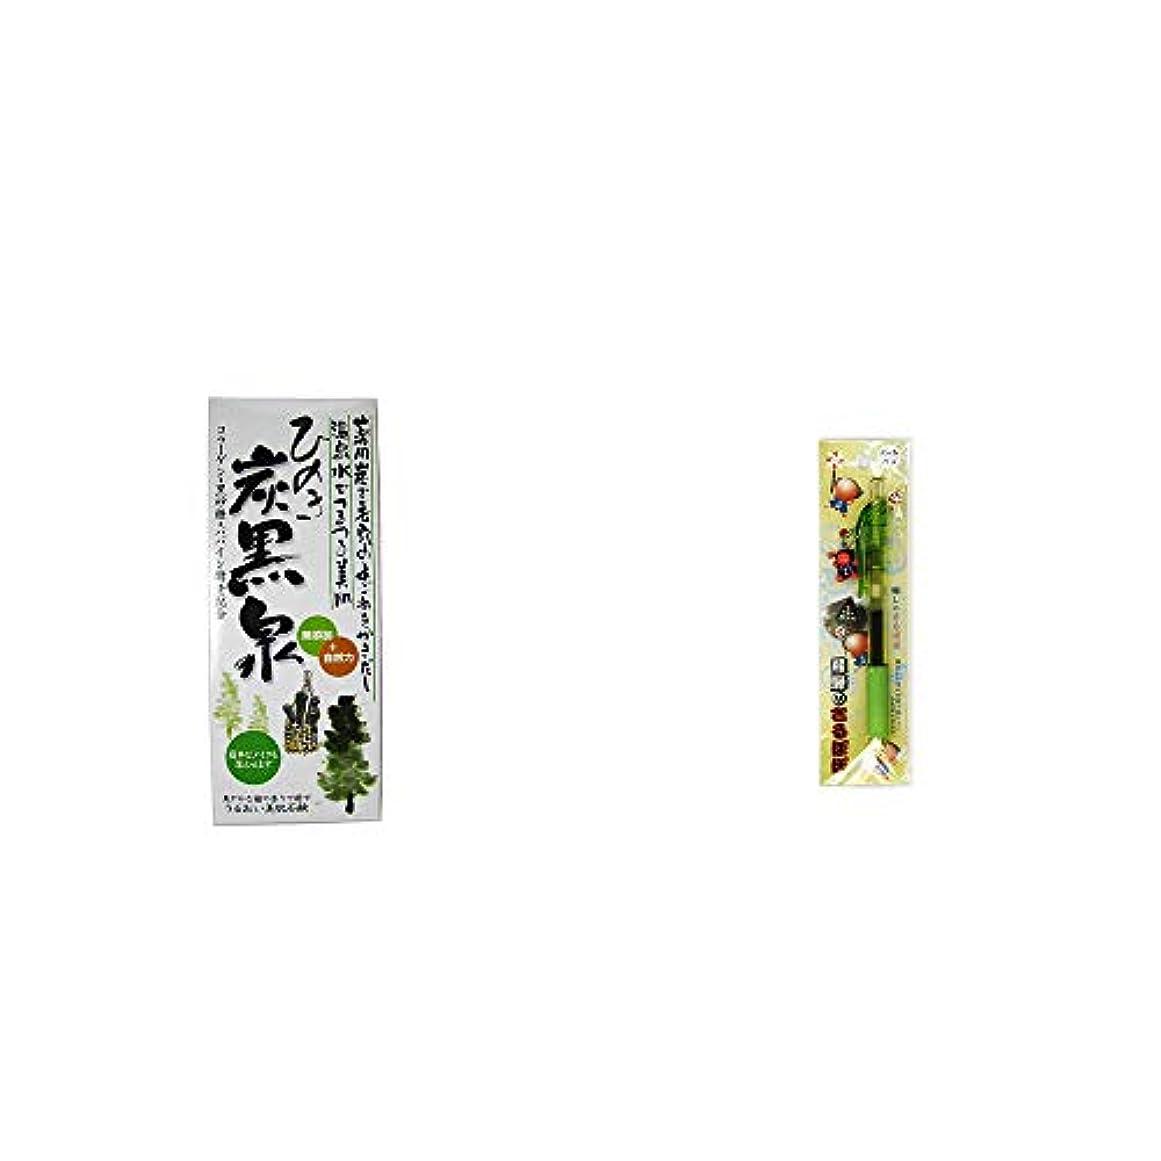 歩道救急車魅力[2点セット] ひのき炭黒泉 箱入り(75g×3)?さるぼぼ 癒しボールペン 【グリーン】